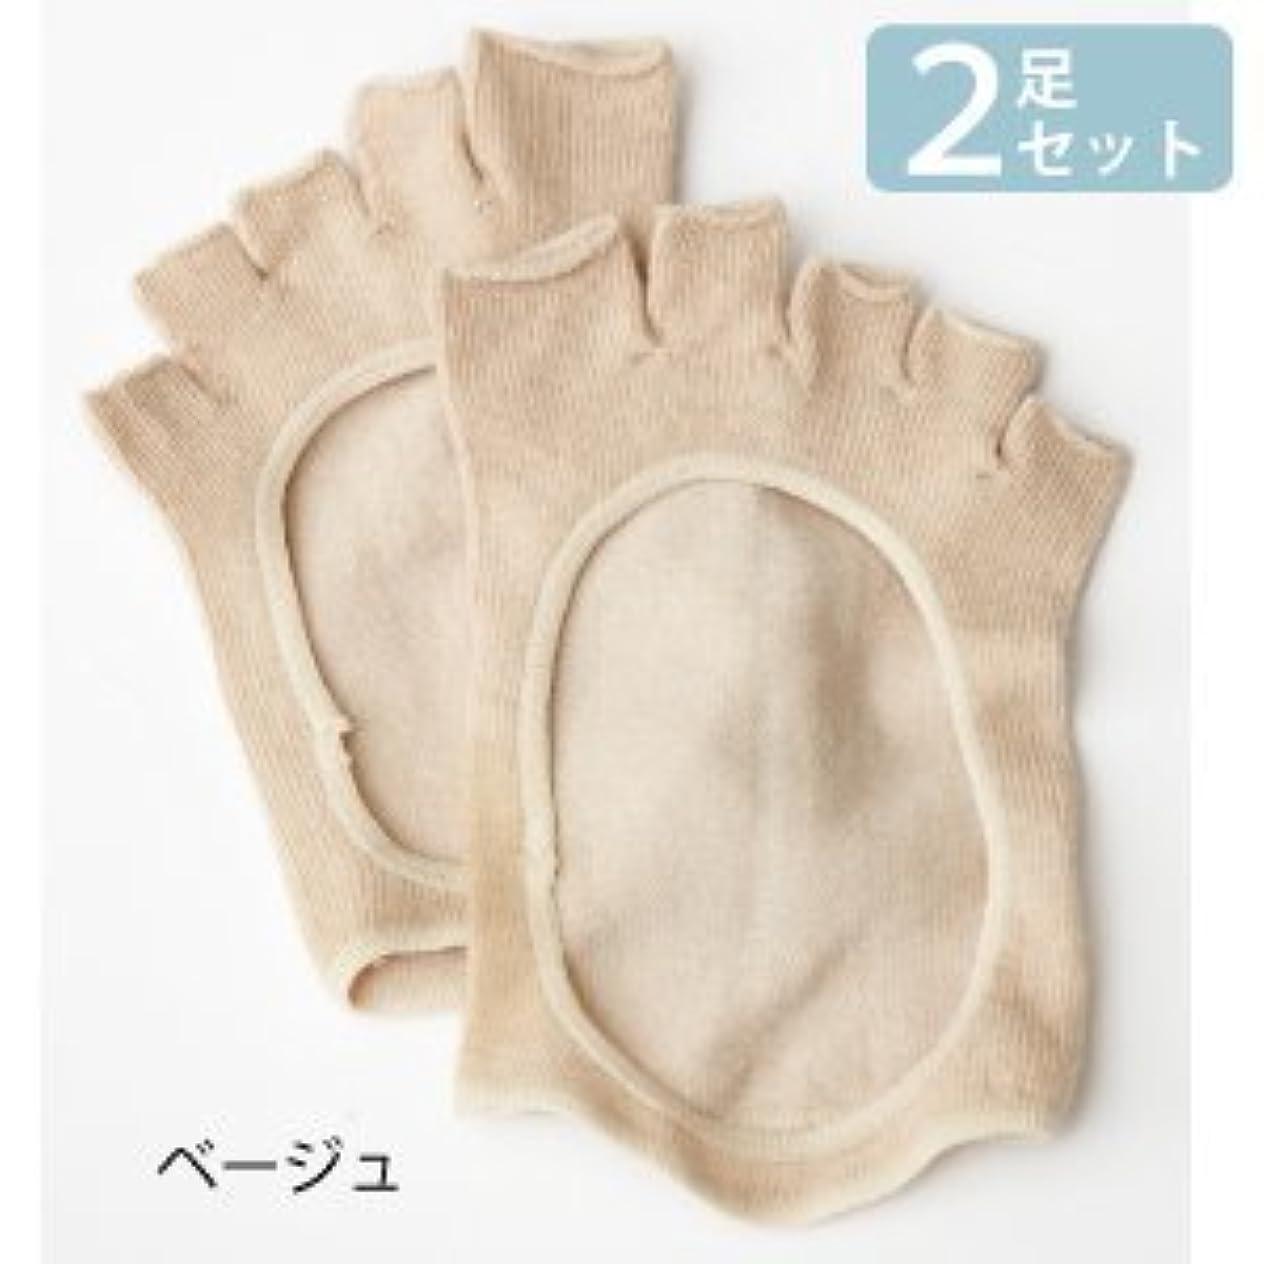 改修する報復味脱げにくい 足指セパレーター (2足セット, ベージュ)